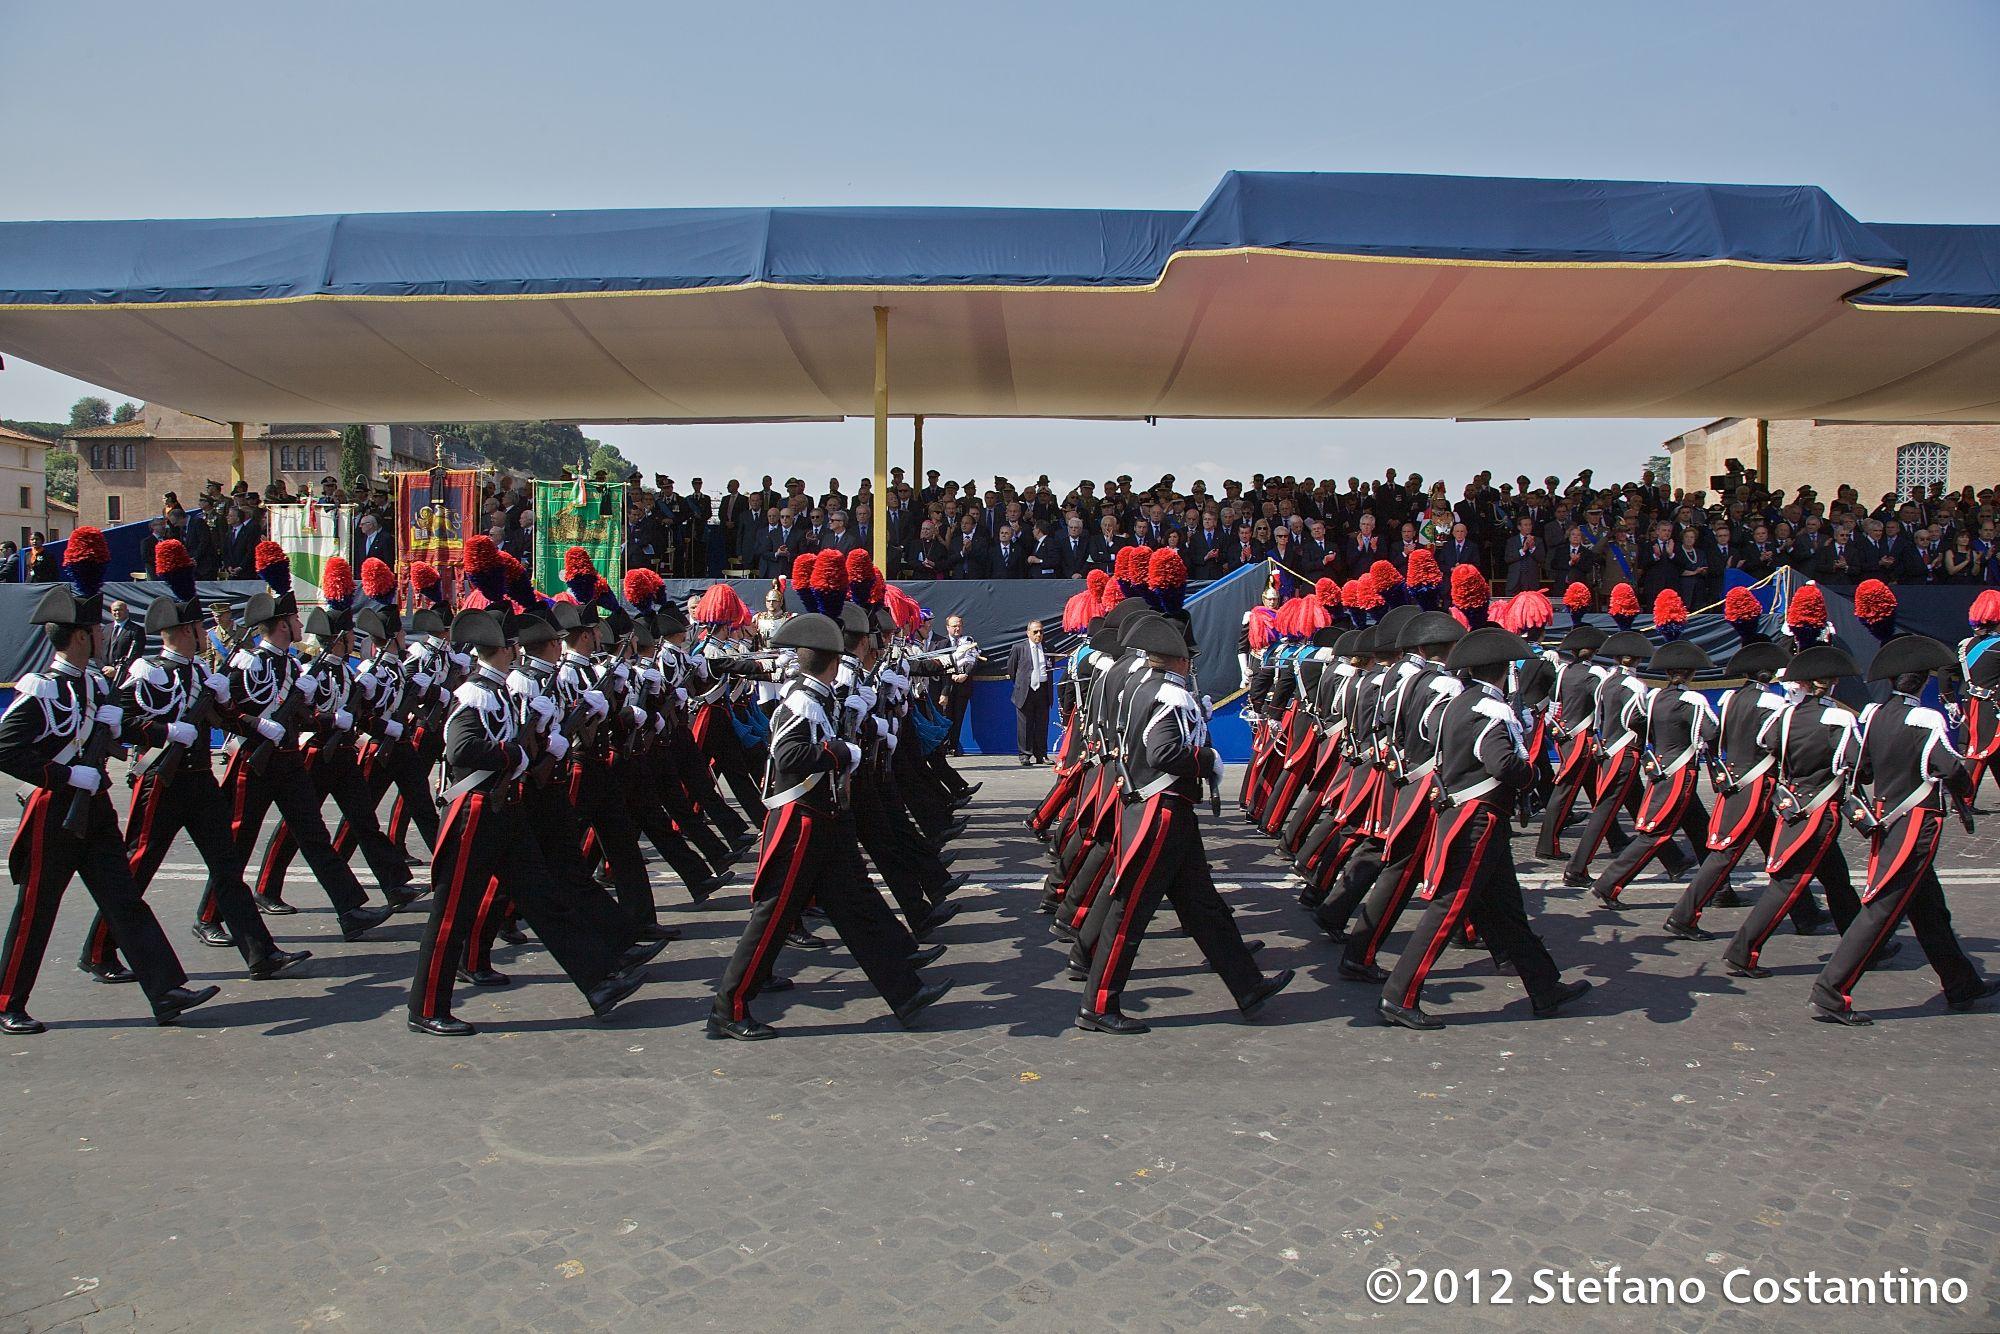 ROMA, IT - GIUGNO 02: Parata militare per la Festa della Repubblica lungo Via dei Fori Imperiali a Roma, 2 Giugno 2012 - (photo by Stefano Costantino)